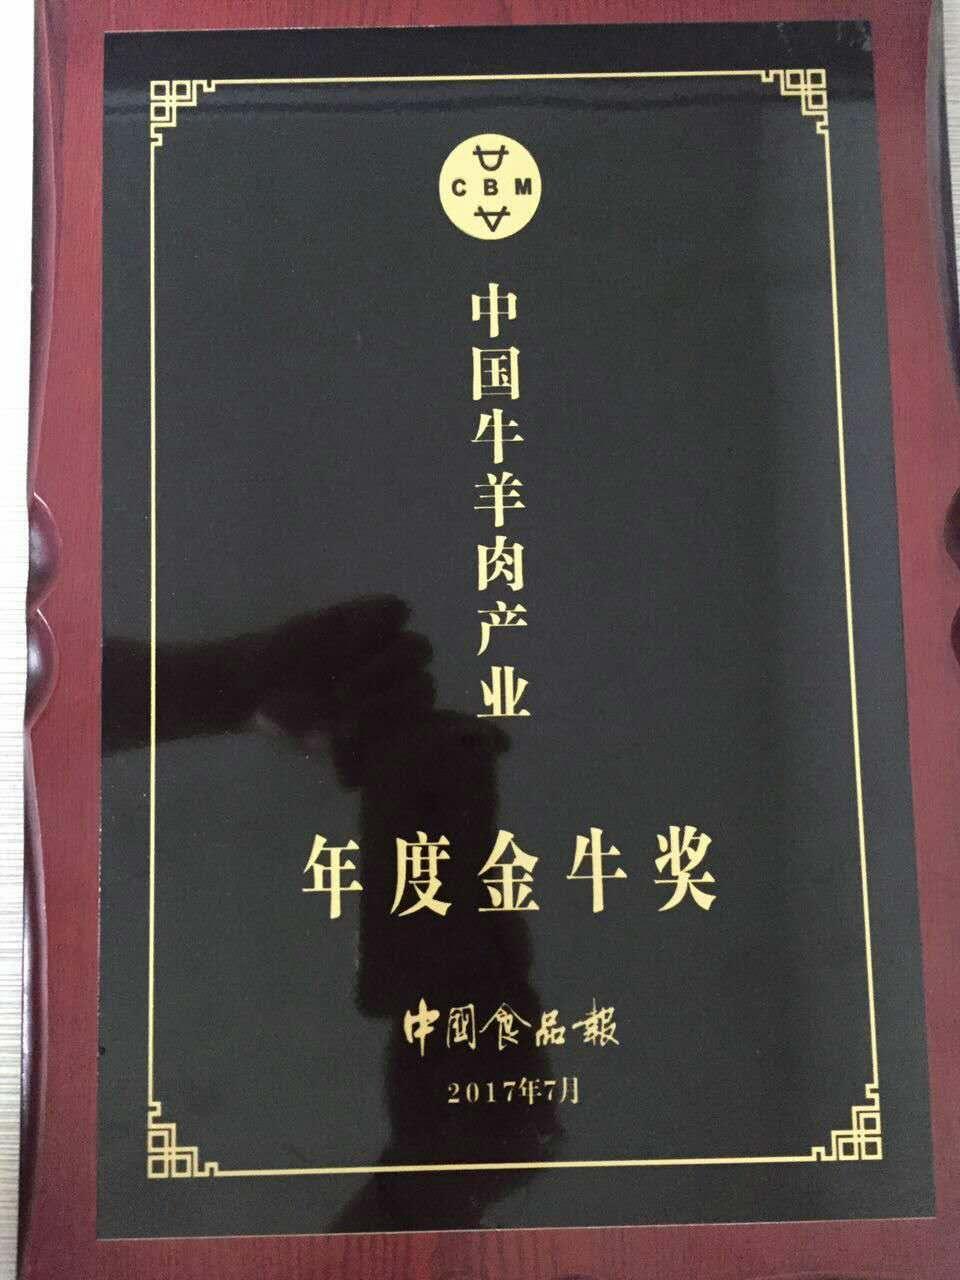 中国牛羊肉产业年度金牛奖